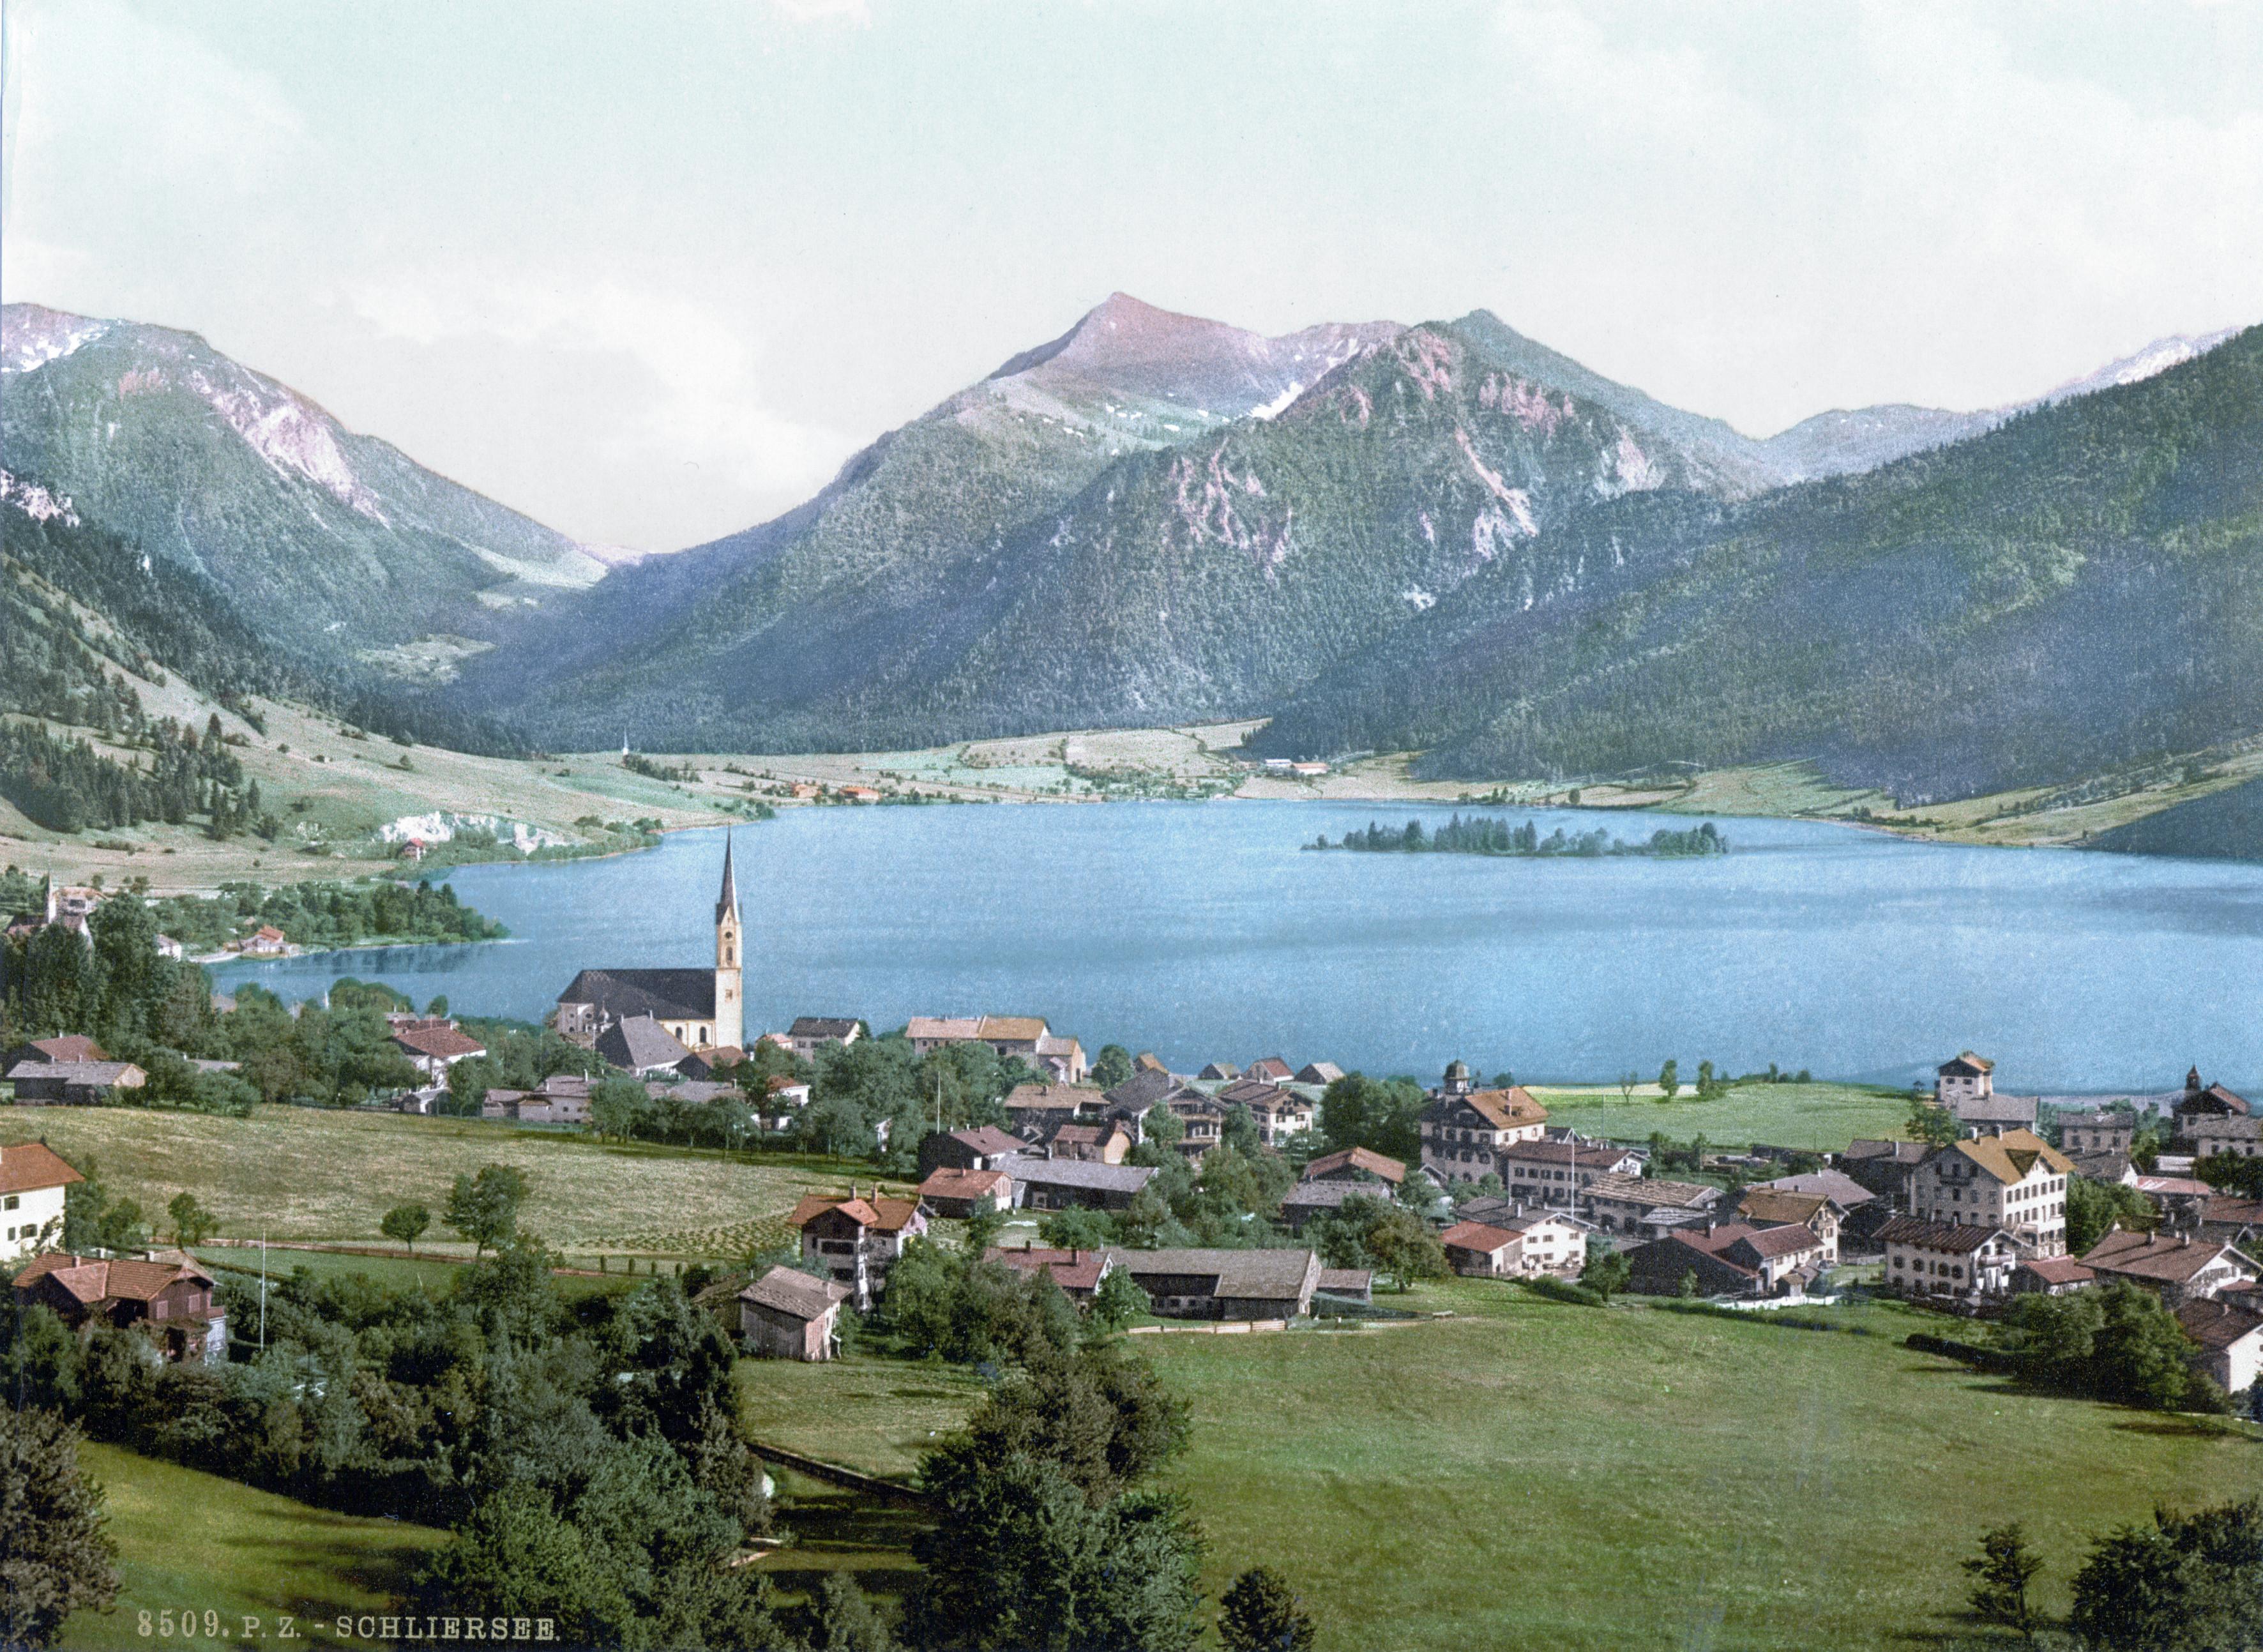 Schliersee (sø)